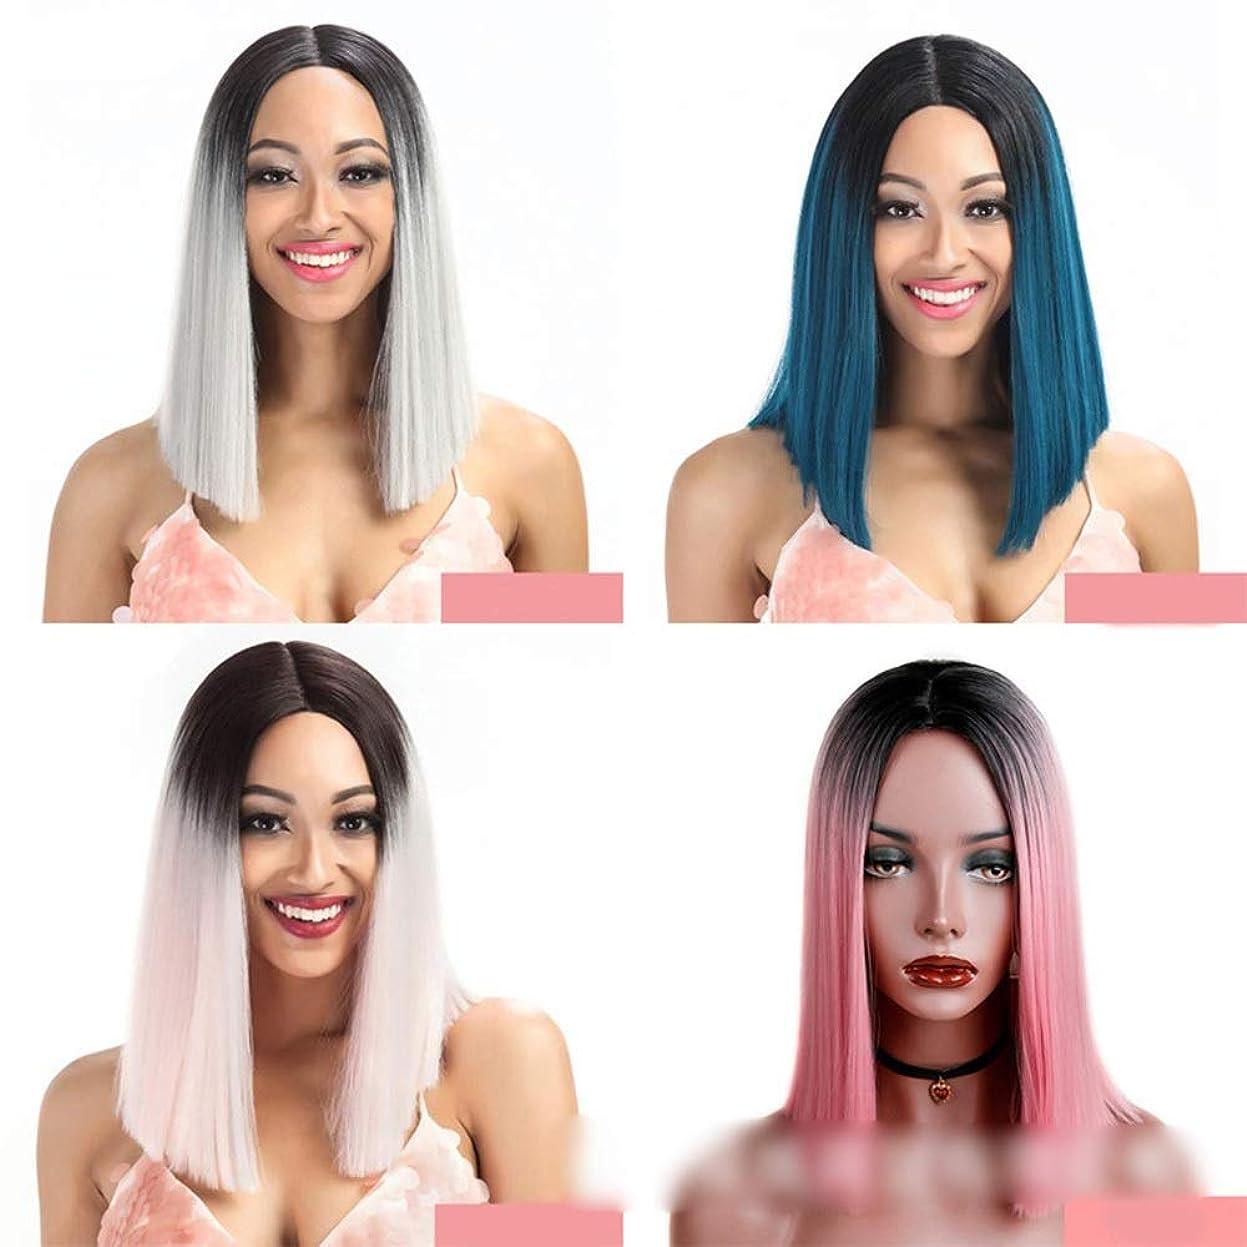 裁量名門バッテリーYrattary ピンクのショートボブウィッグストレートショルダーレングスの毛14インチ160グラム女性のための人工毛ウィッグ (Color : ピンク)